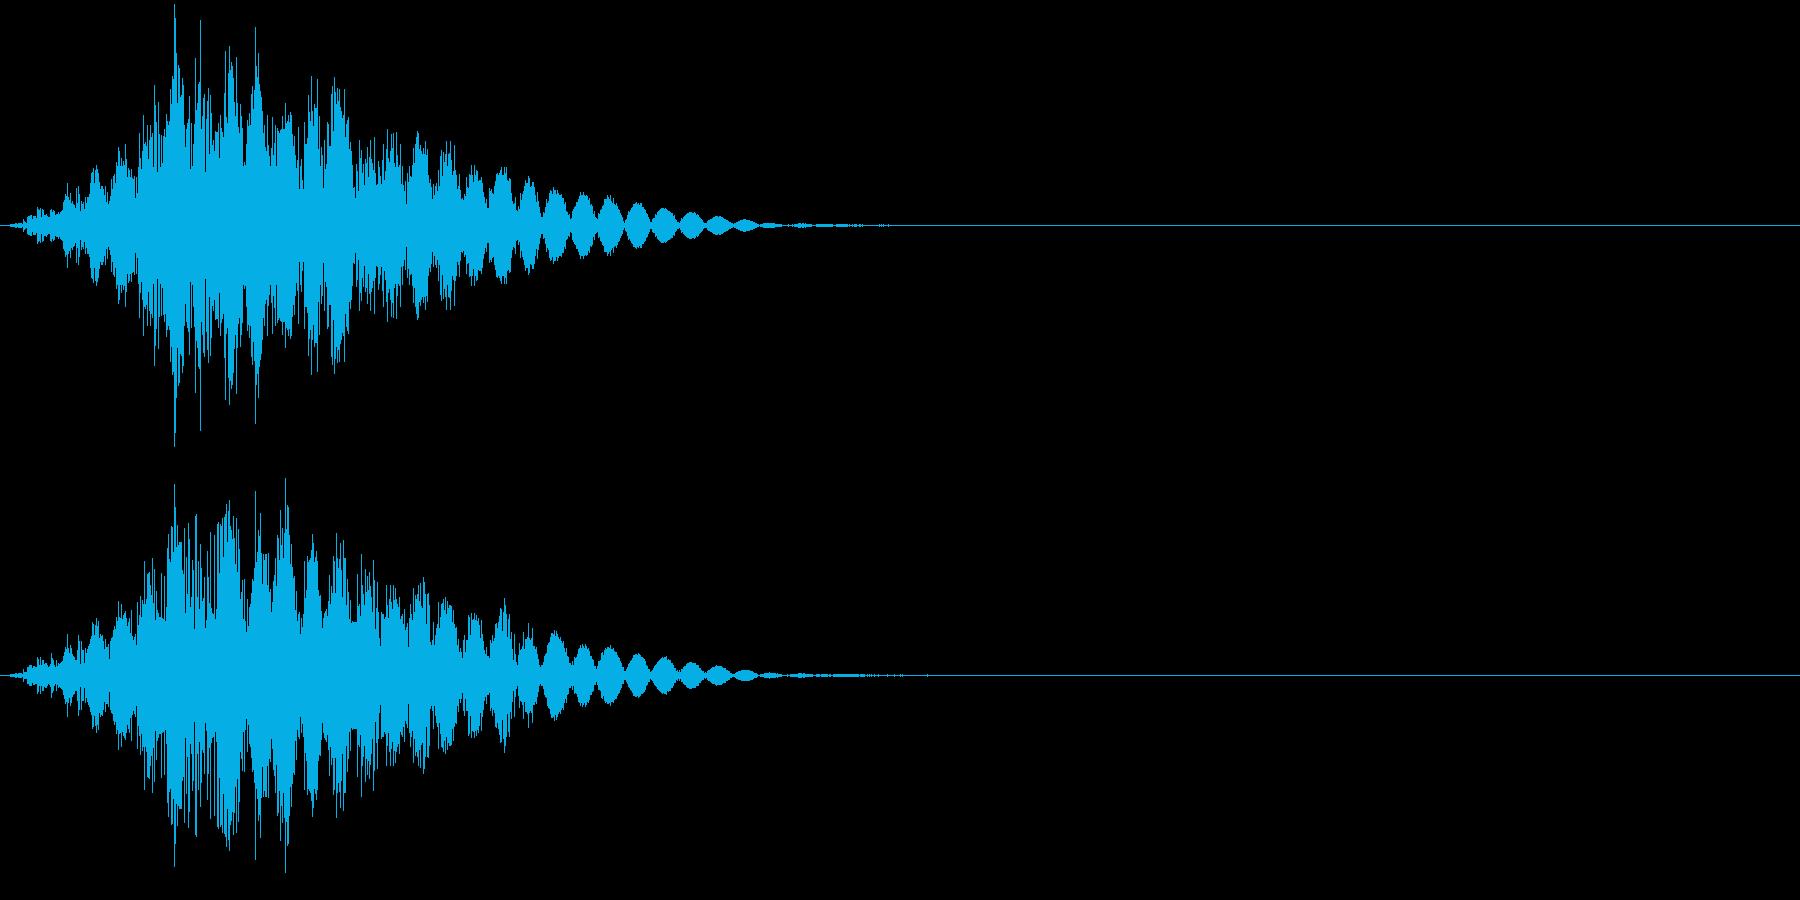 KAKUGE 格闘ゲーム戦闘音 64の再生済みの波形